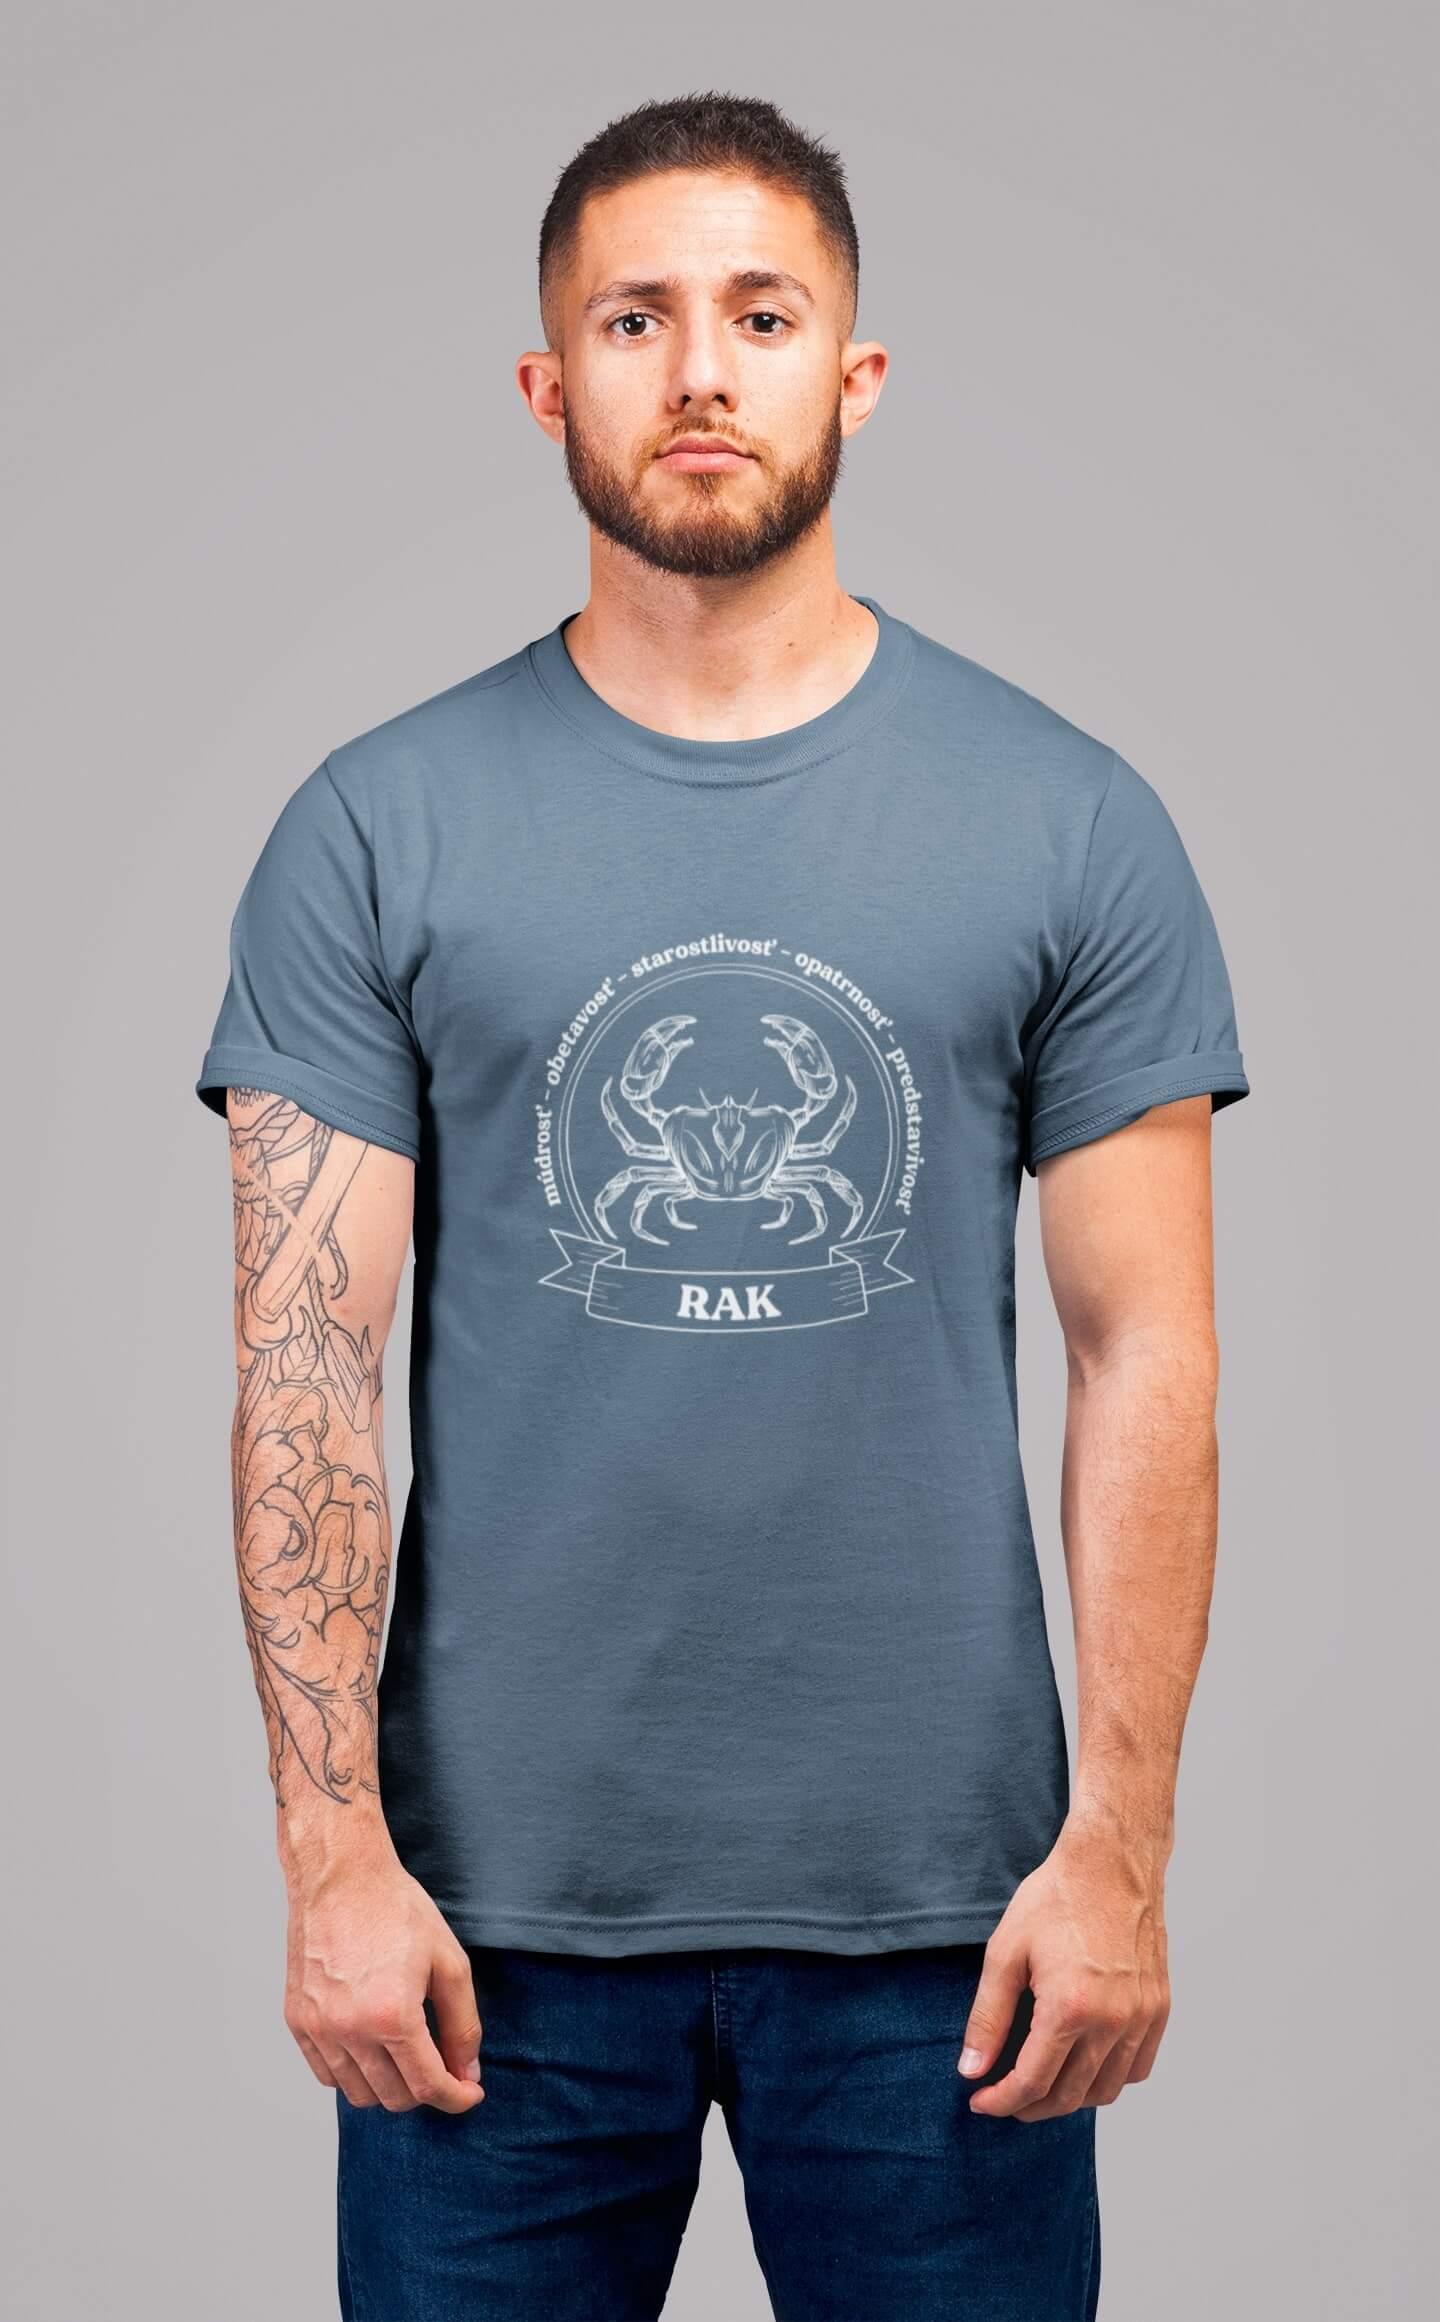 MMO Pánske tričko Rak Vyberte farbu: Denim, Vyberte veľkosť: XS